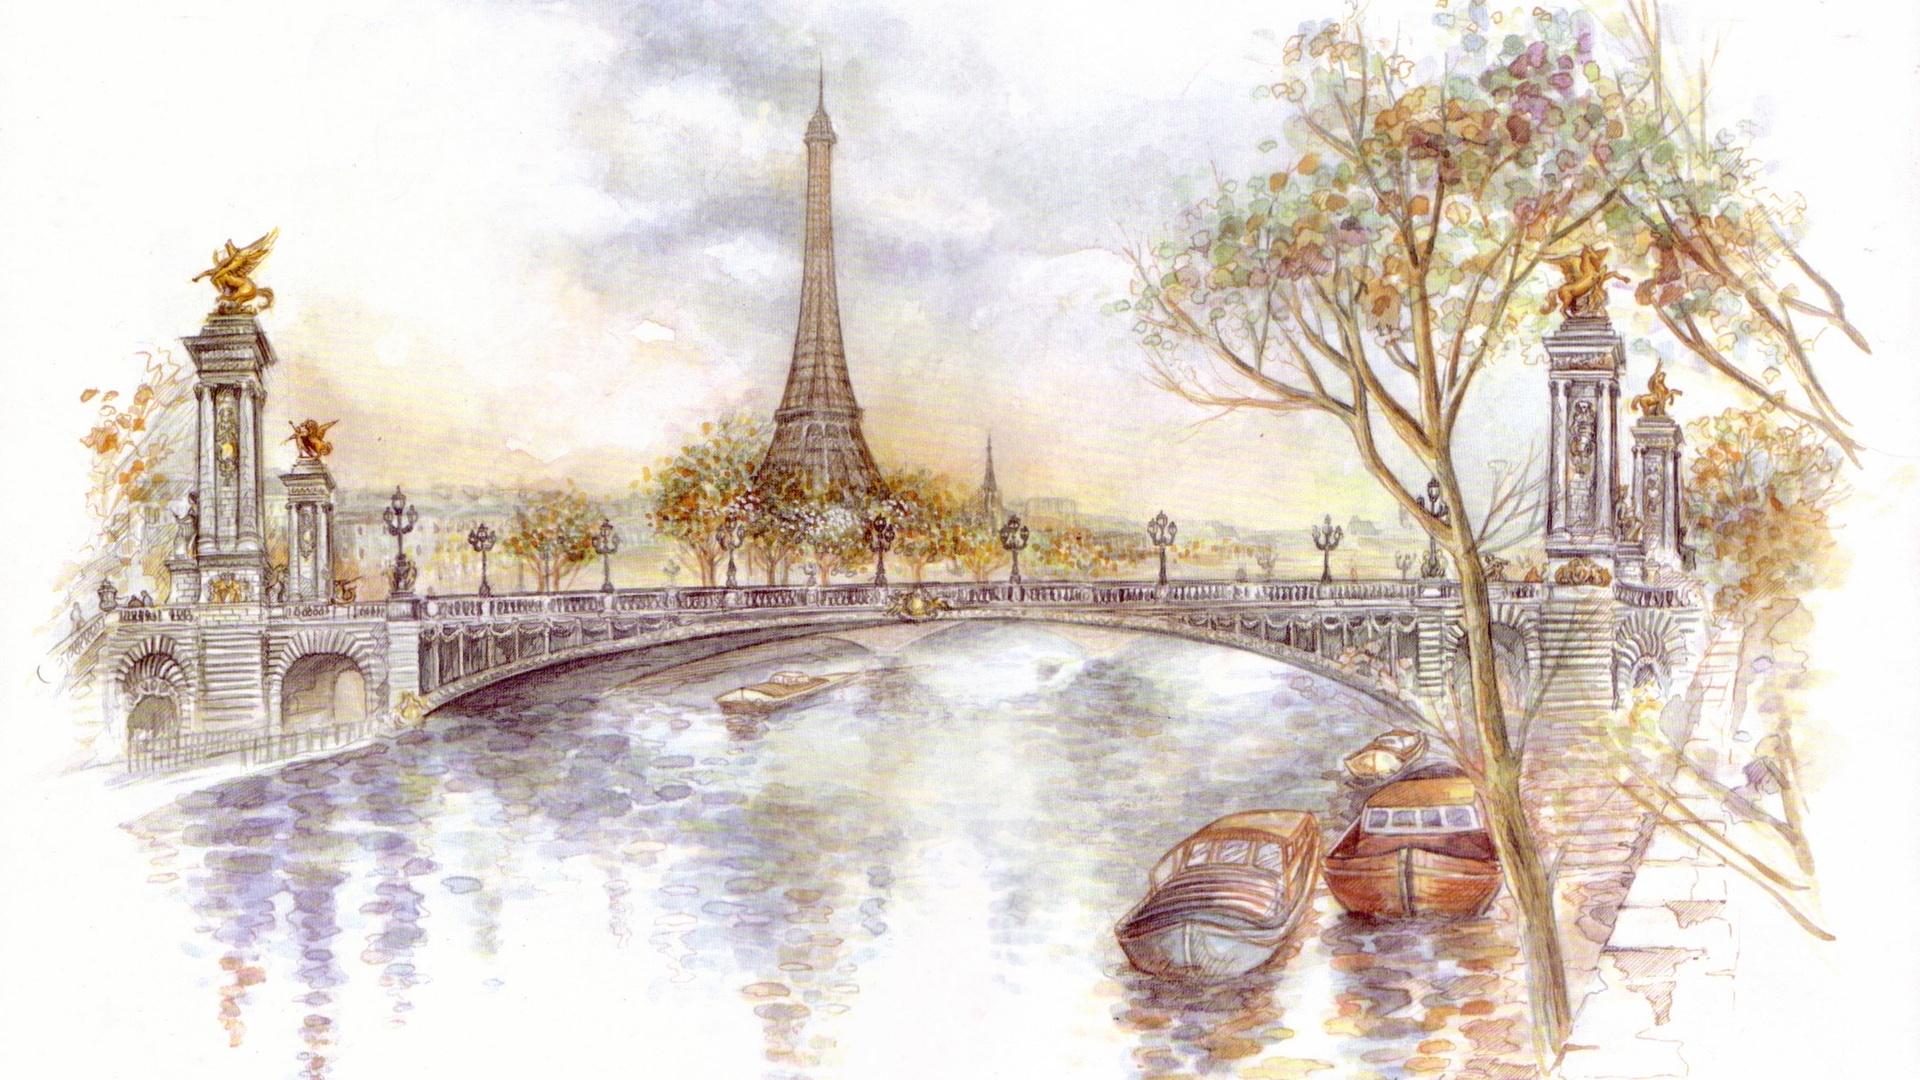 Eiffel Tower Art Wallpaper